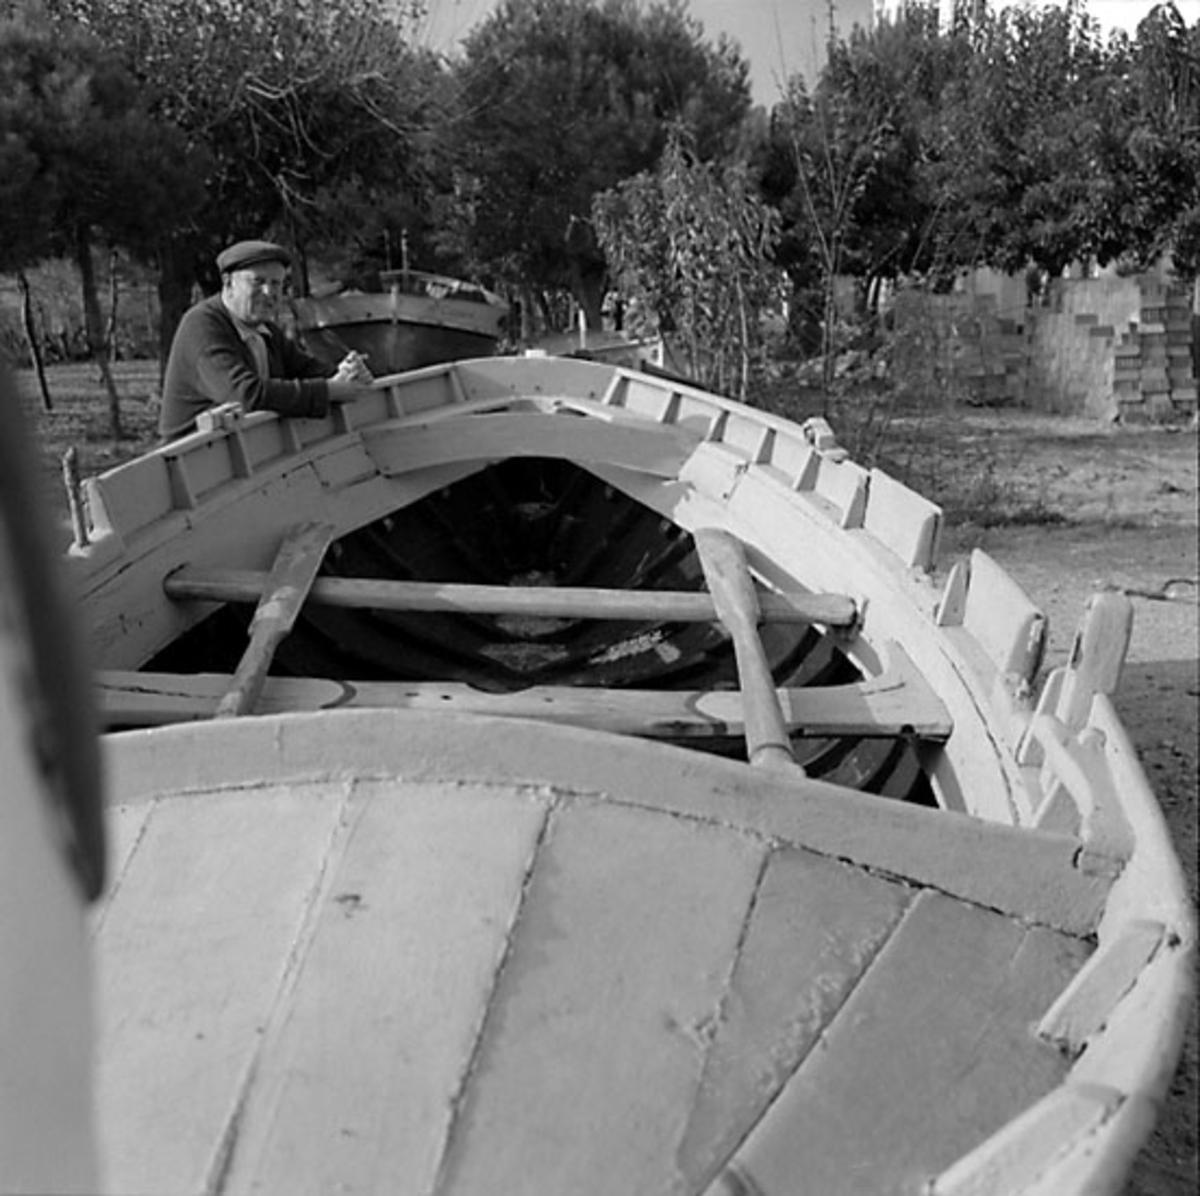 35. Spanien. Fotojournal finns på B.M.A. + fotoalbum. Samtidigt förvärv: Böcker och arkivmaterial. Foton tagna mellen 1959-11-07 och 1959-11-10. 12 Bilder i serie.